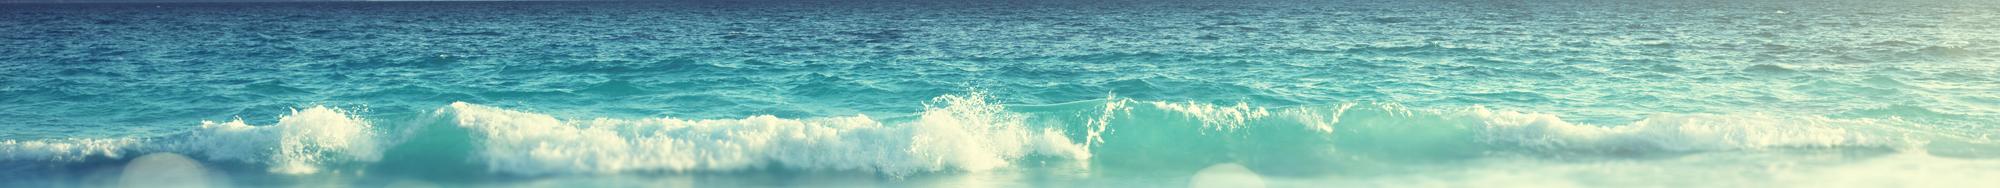 ocean waves header